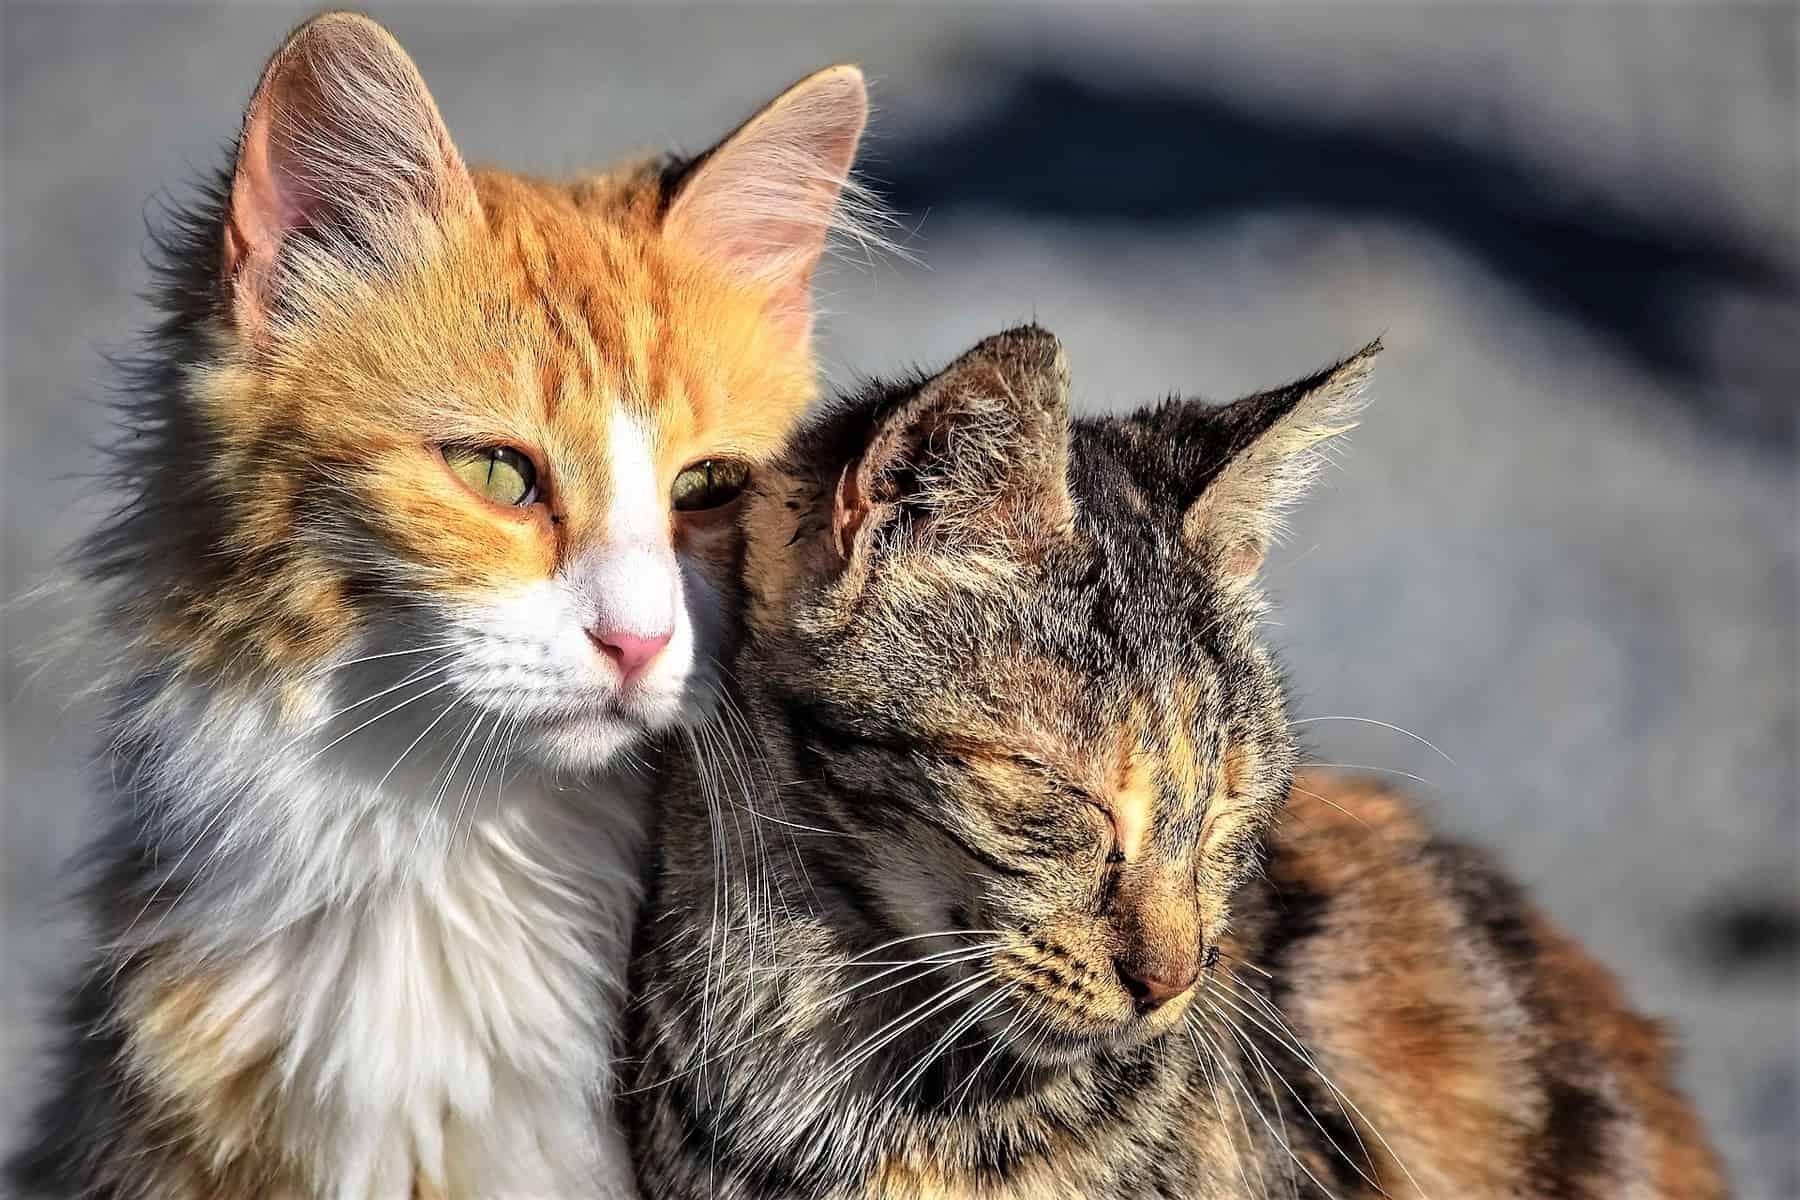 Πρόστιμο σε φιλόζωη 6000 Ευρώ γιατί τάιζε αδέσποτες γάτες / A fine of 6.000 euros was imposed to a woman for feeding stray cats